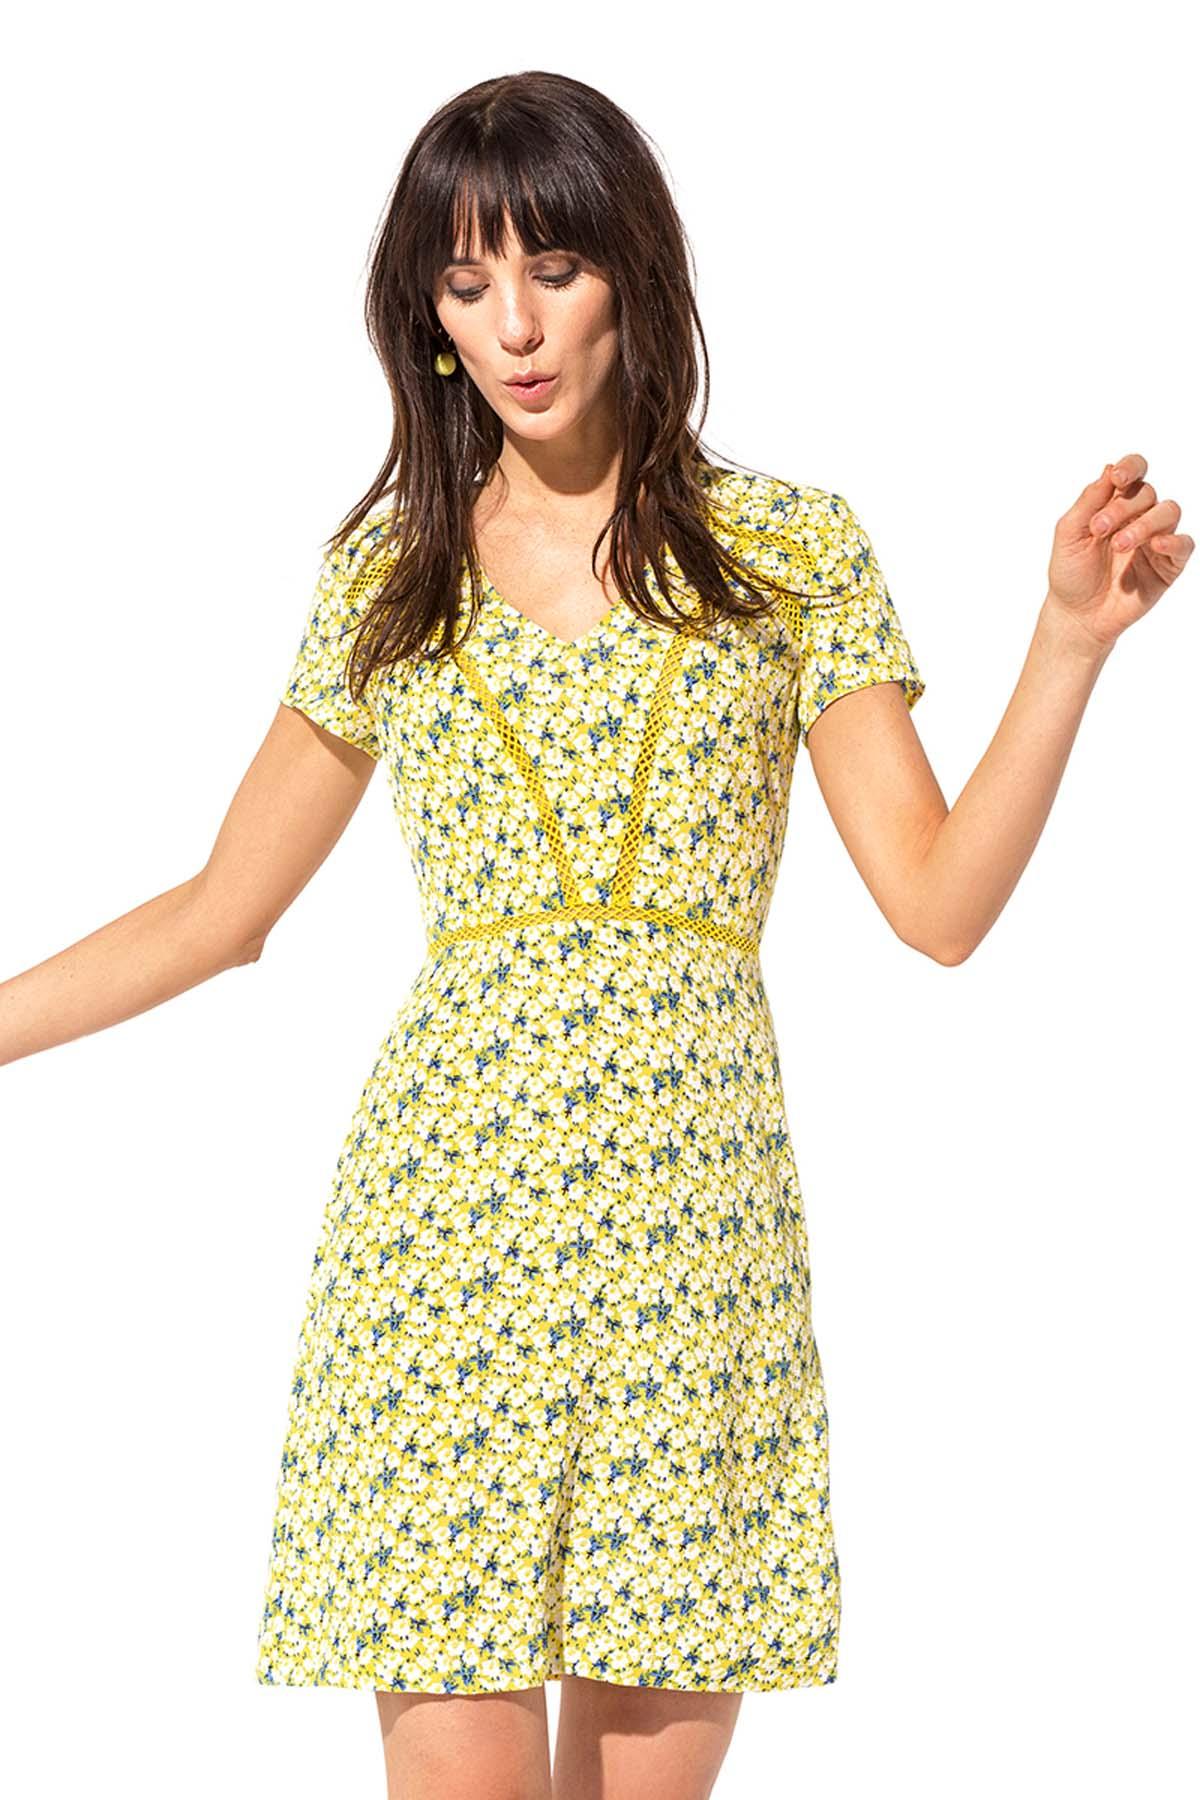 Teria Yabar - Vestido de flores amarillas y azules